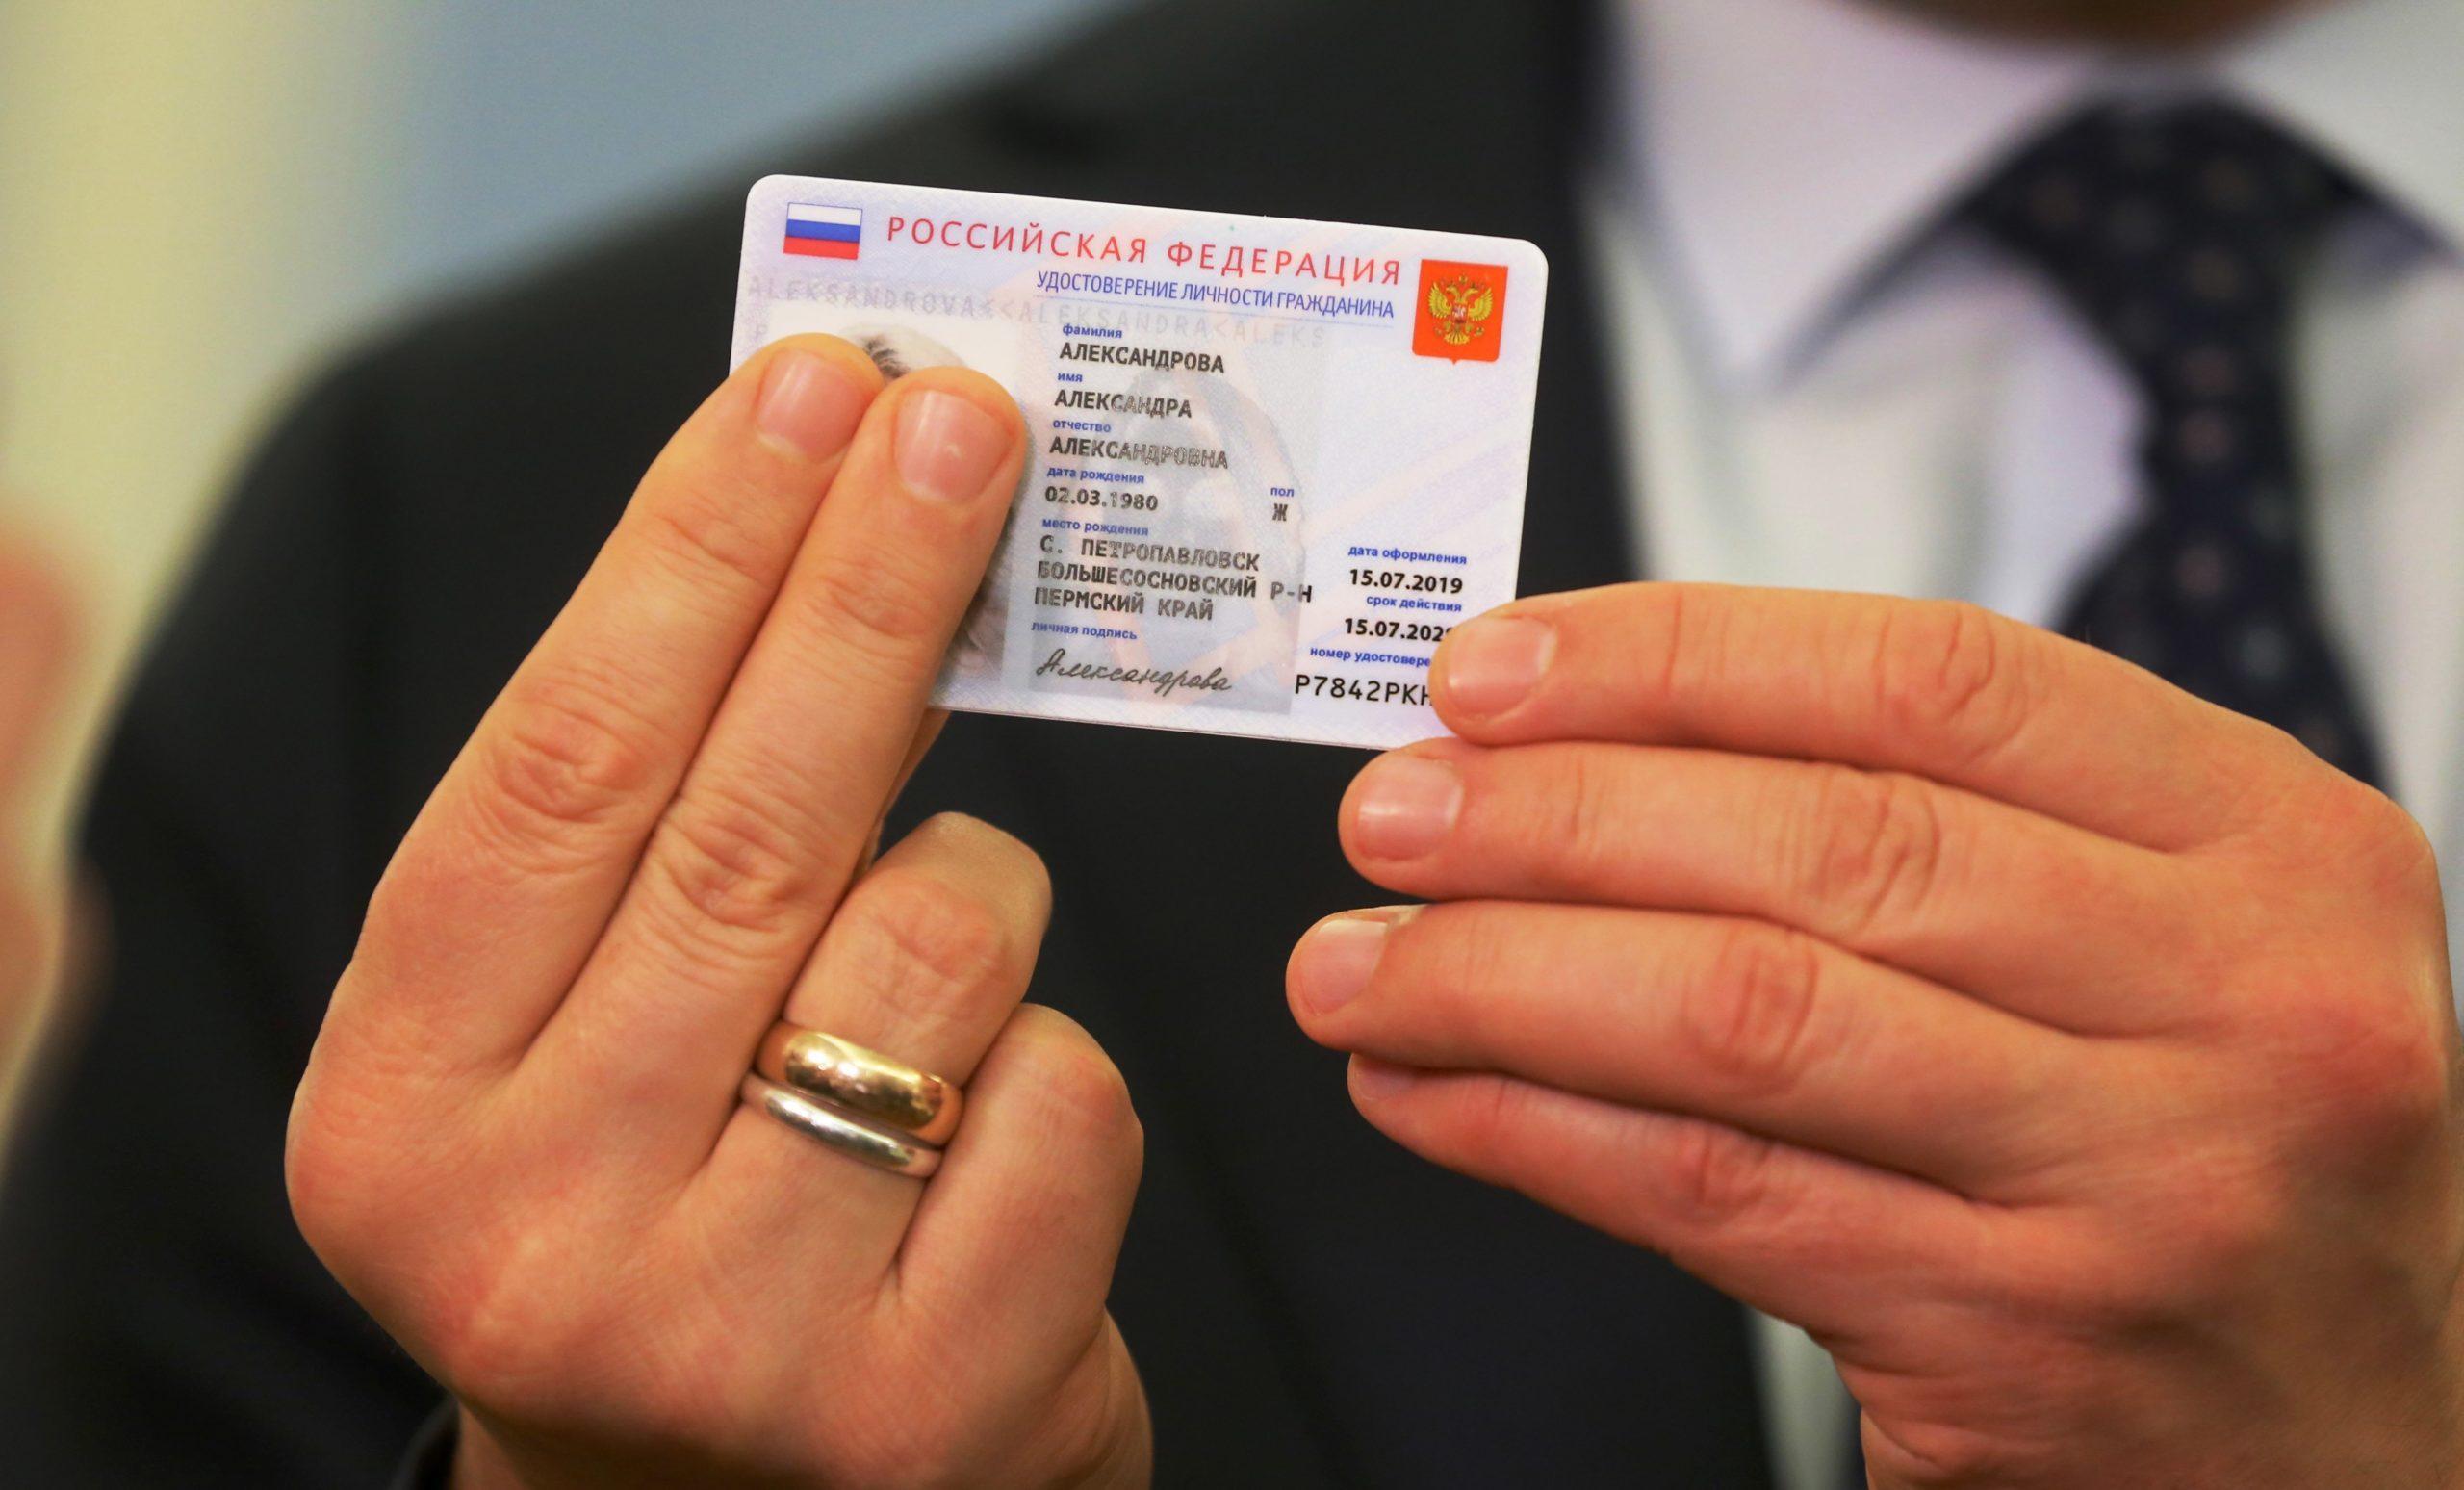 Электронные паспорта в Москве